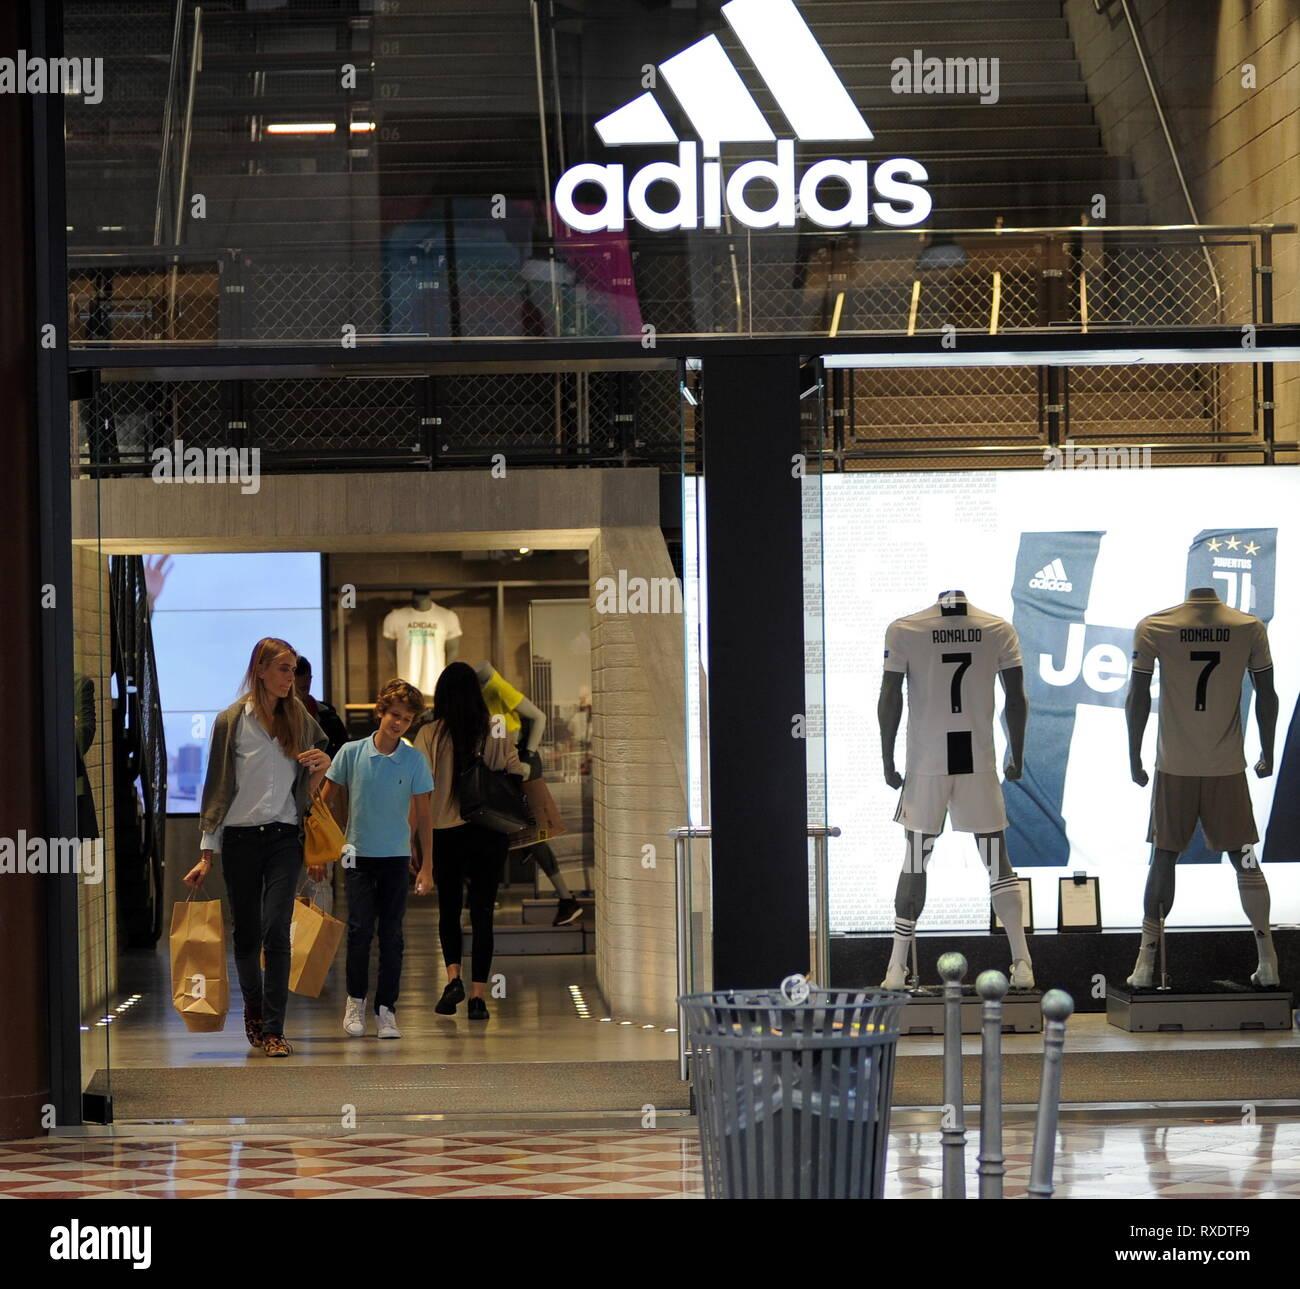 adidas shop juventus